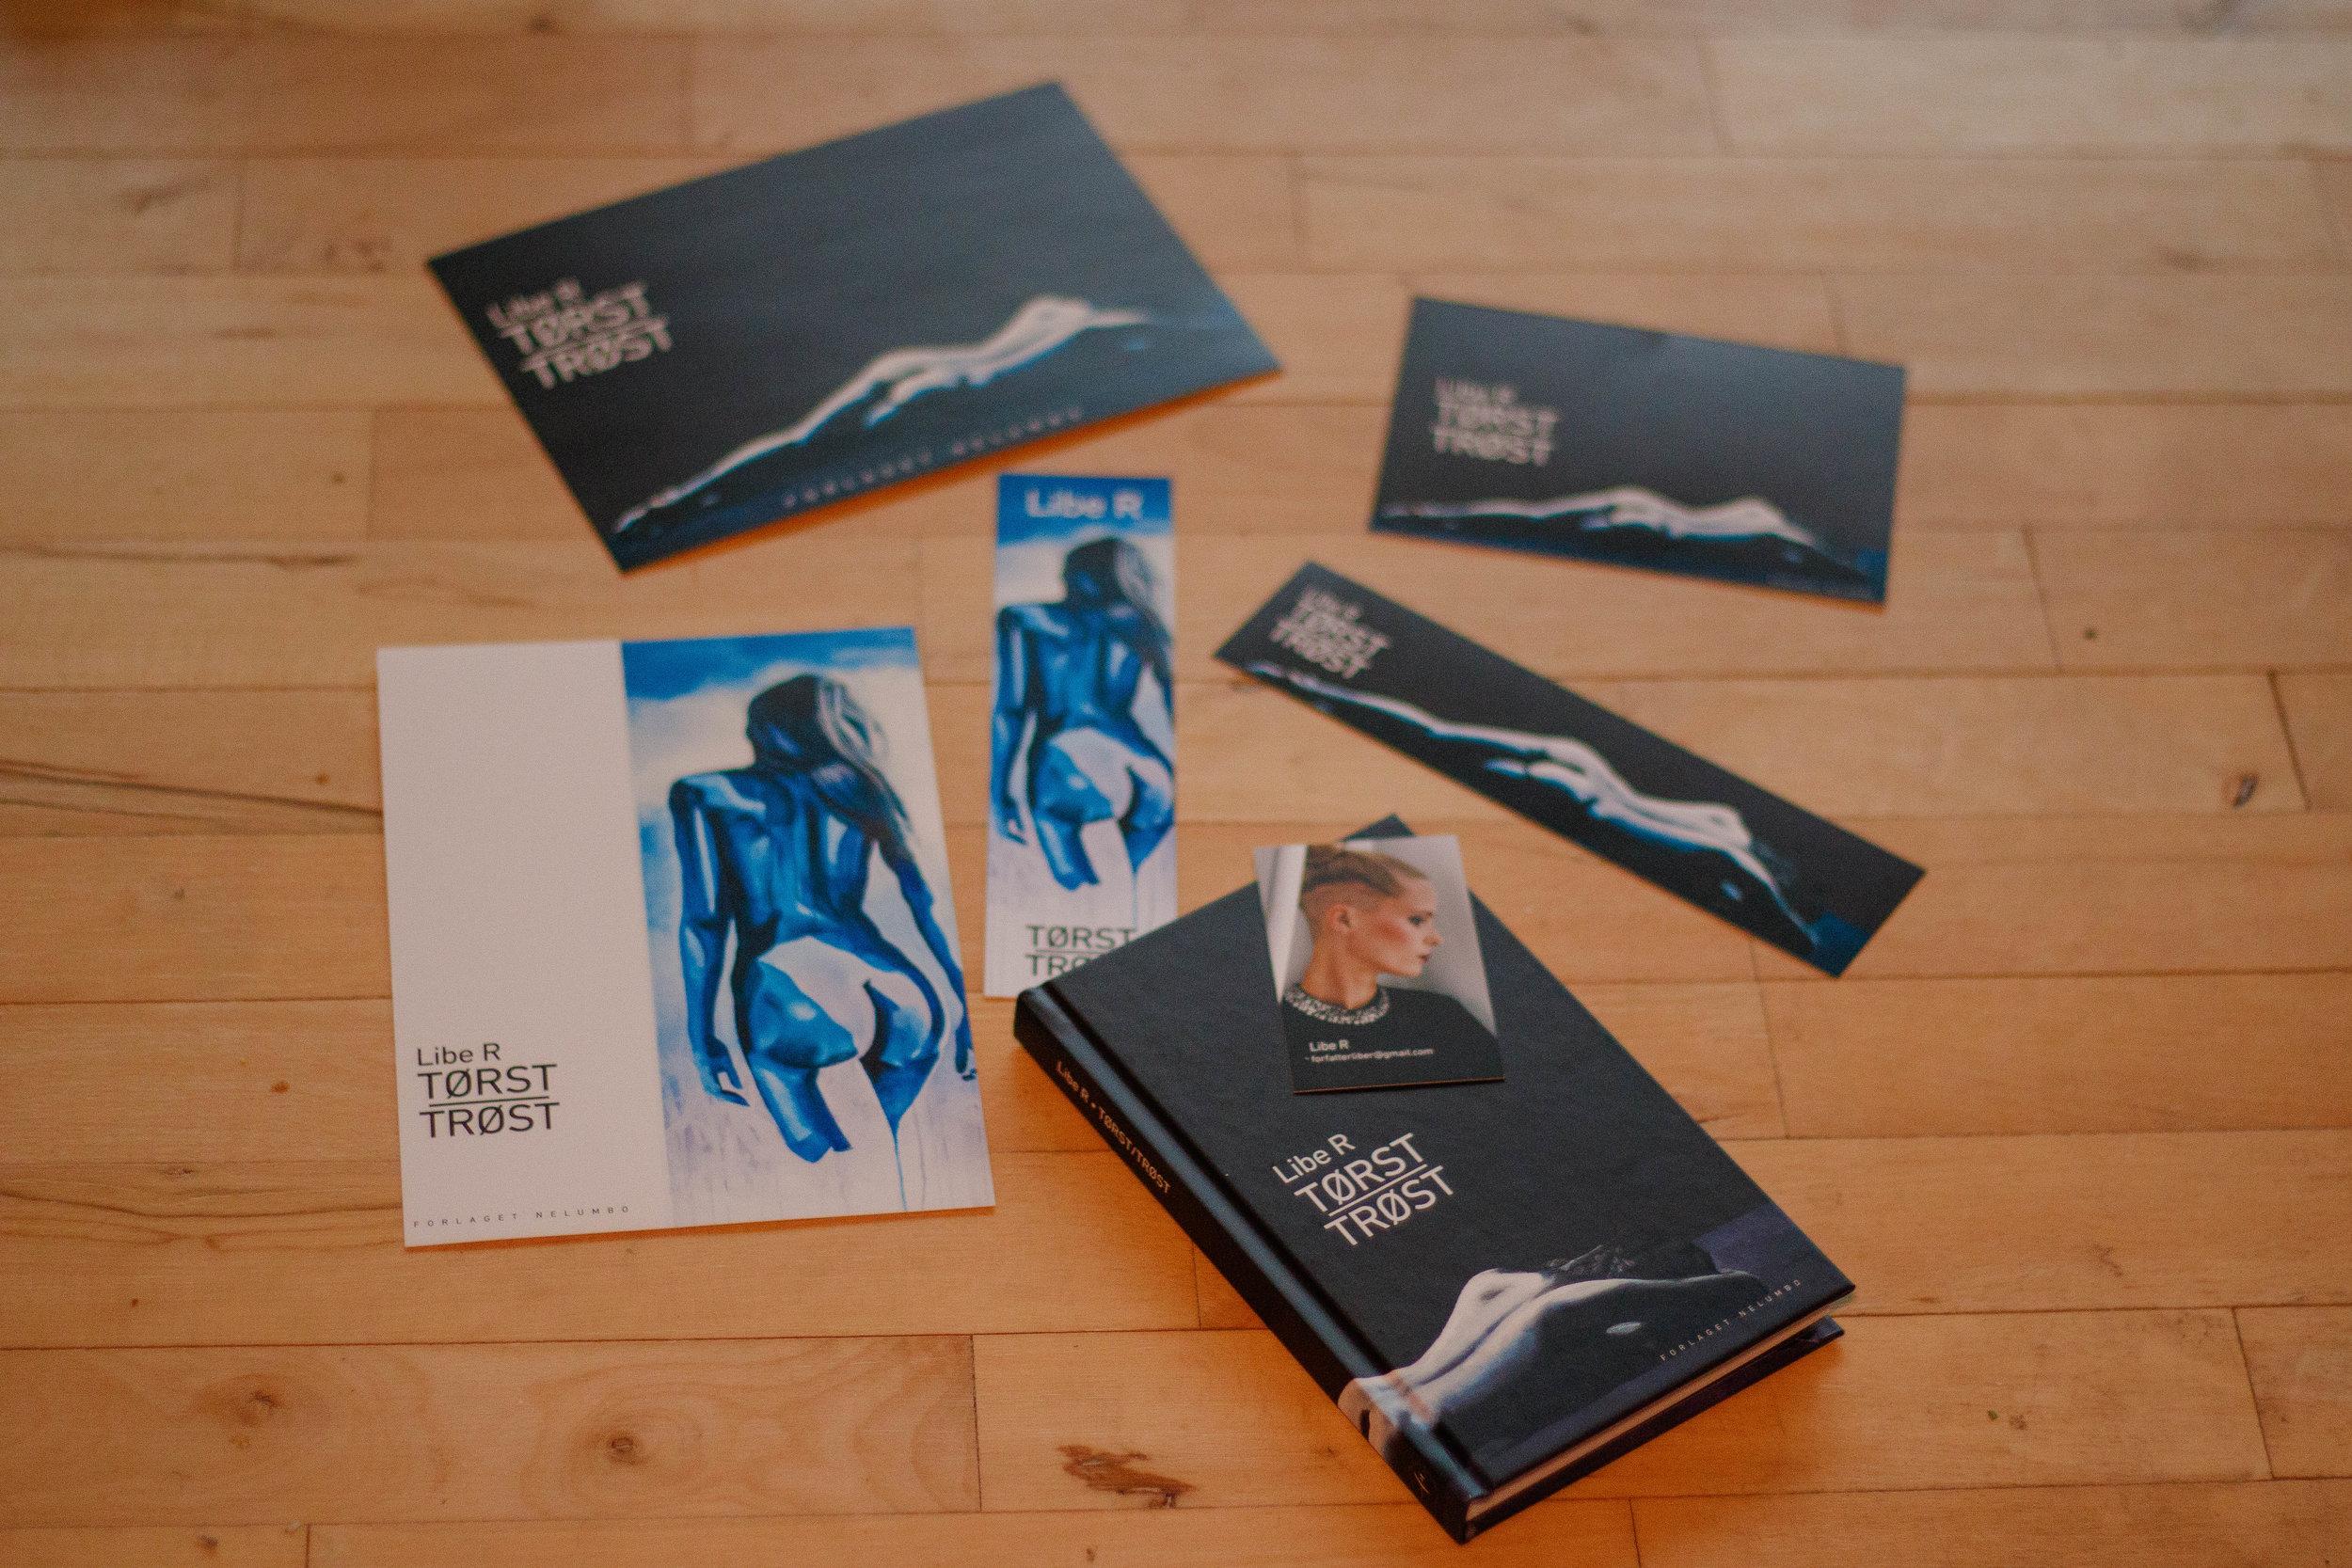 Postkort, bogmærker, plakat og så selve bogen. Eget foto. Omslagsillustration: Theis Nikolaj Veile.